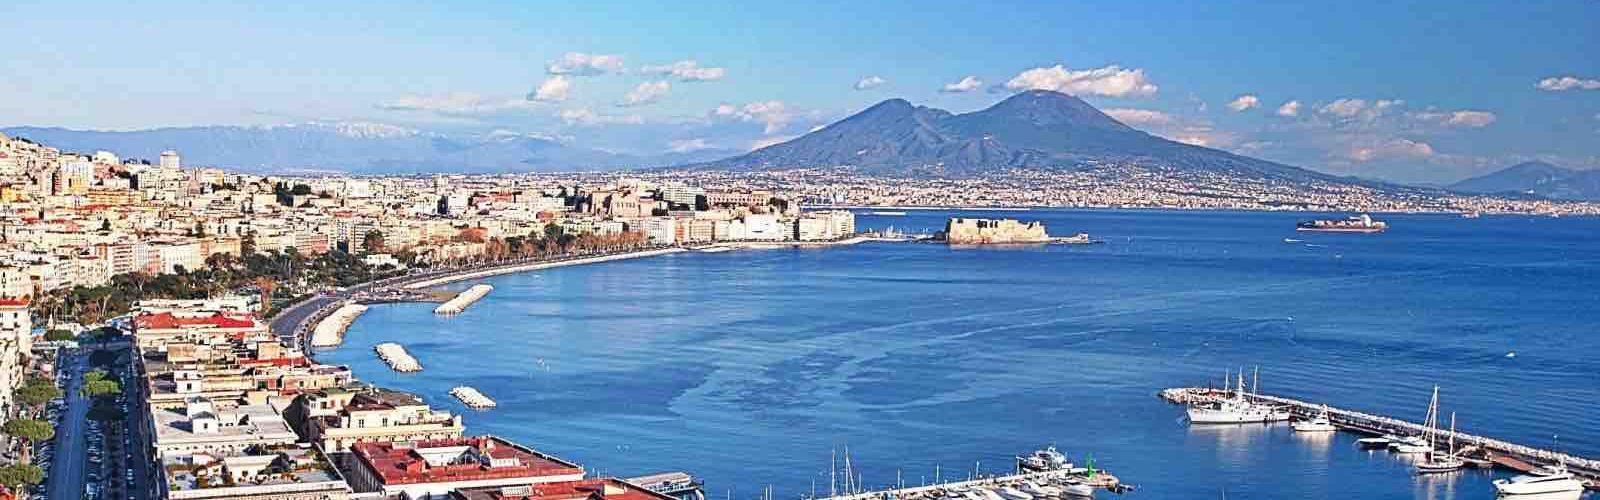 Панорама в Неаполе во время экскурсии